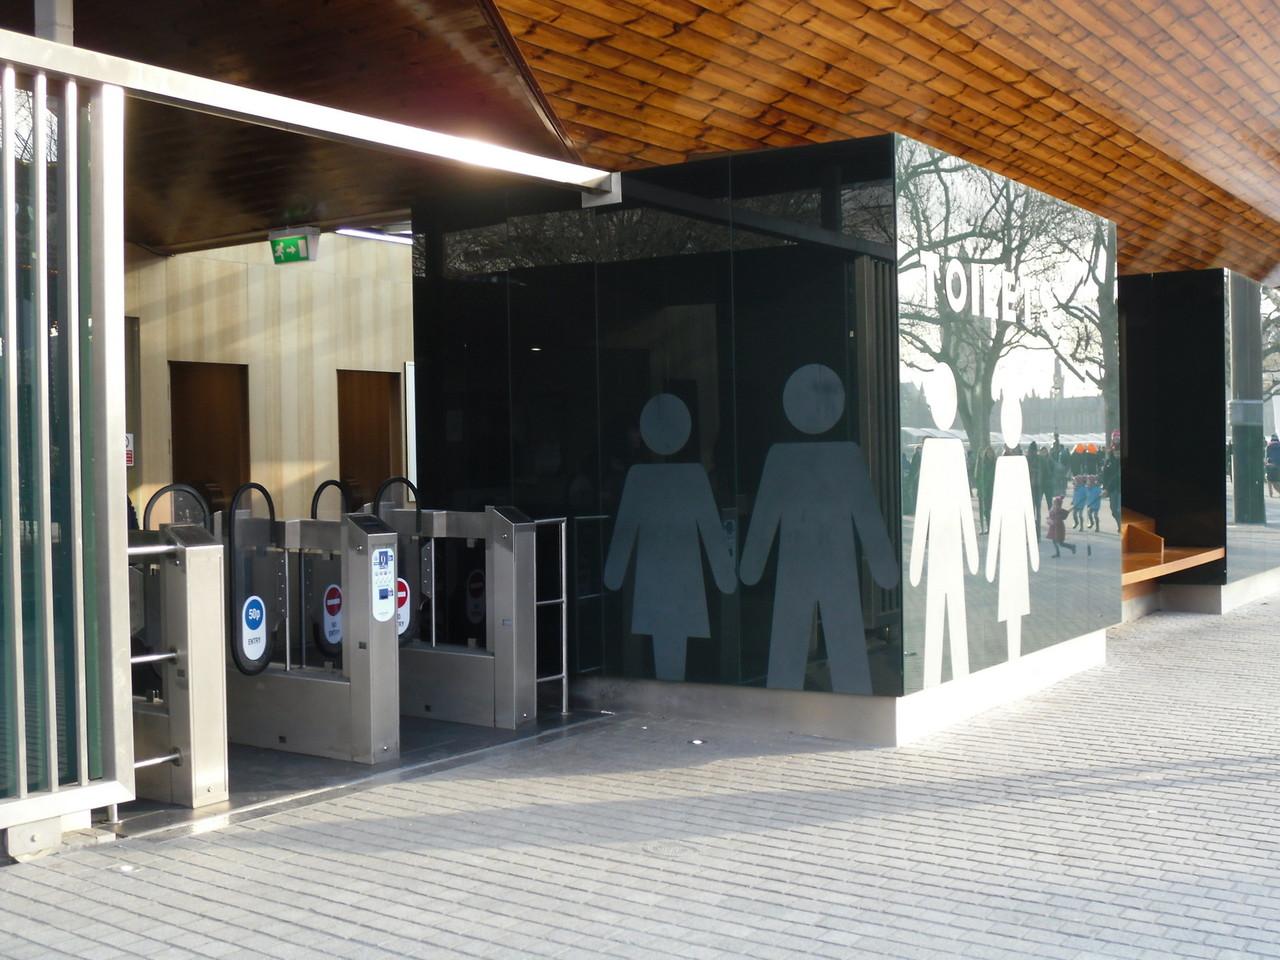 フェスティバルホールからロンドン・アイまでのサウス・バンク散歩道13